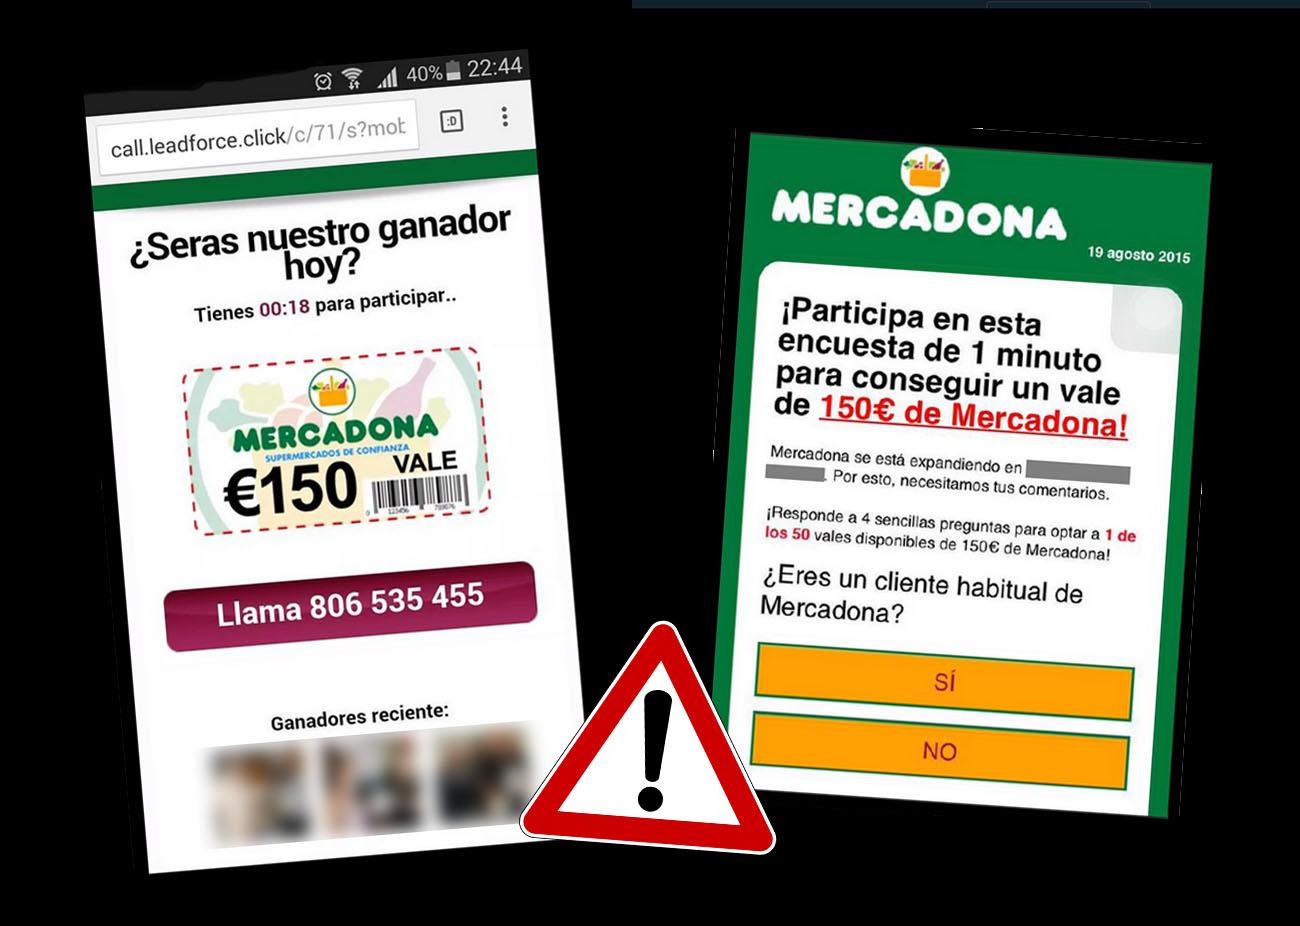 Se hacen pasar por Mercadona con un viral en WhatsApp para hacerse con datos personales